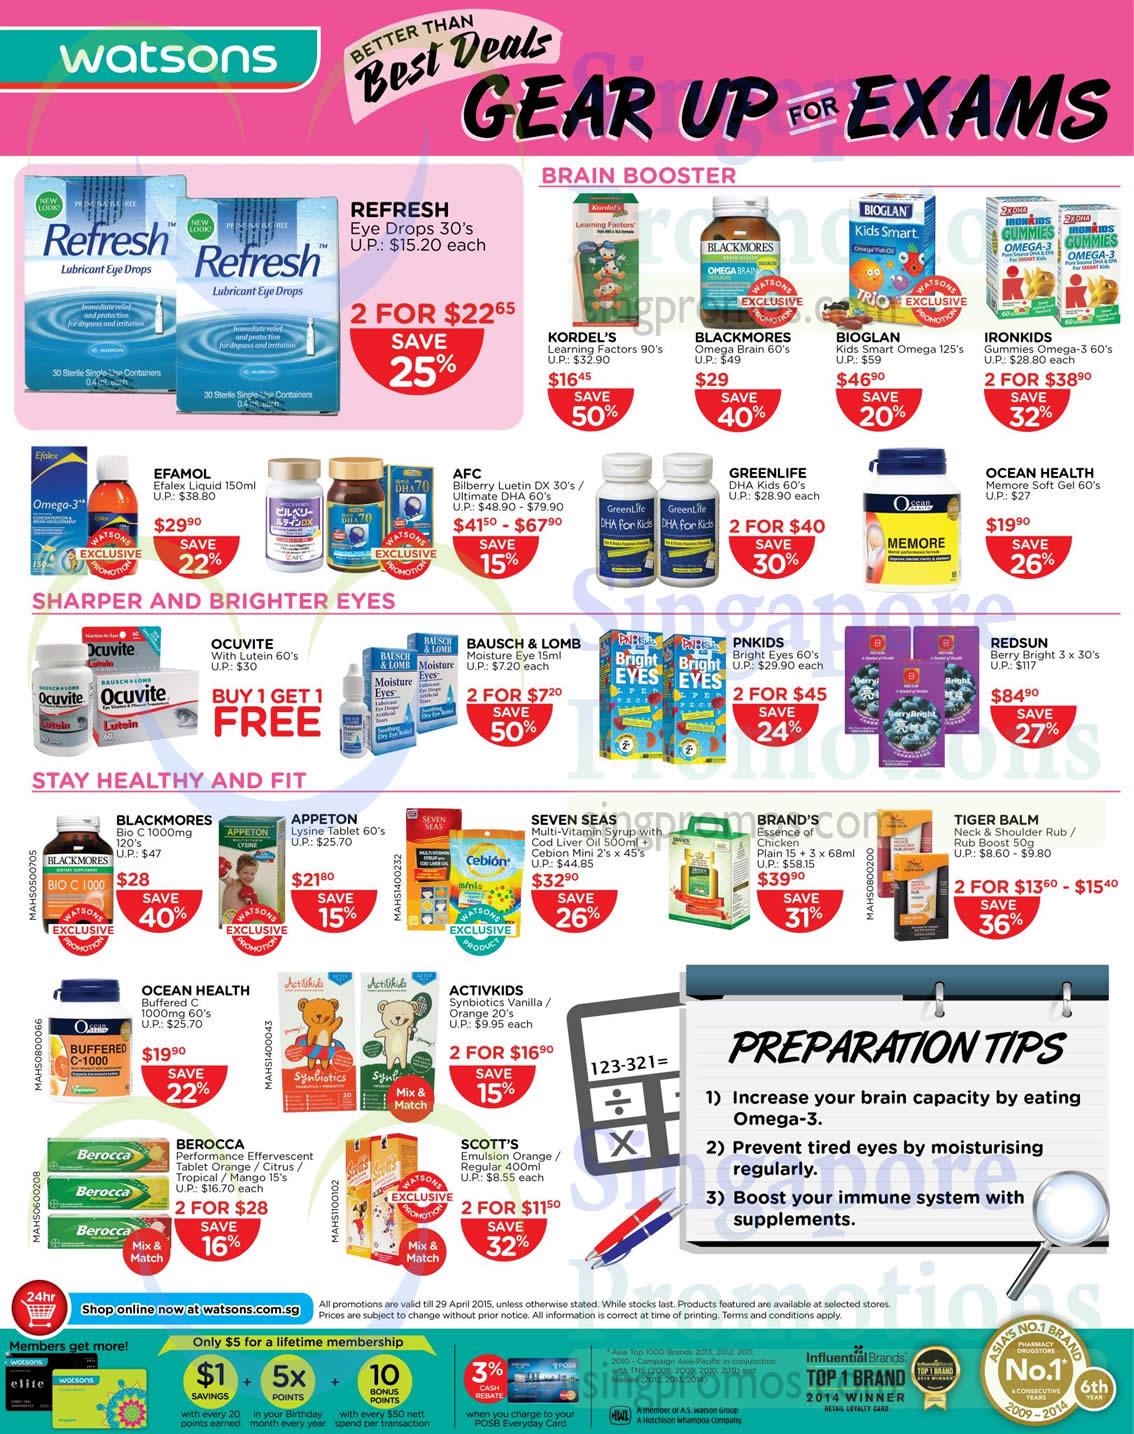 Brain Boosters, Supplements, Blackmores, Bioglan, Efamol, Redsun, Brands, AFC, Ironkids, Redsun, Tiger Balm